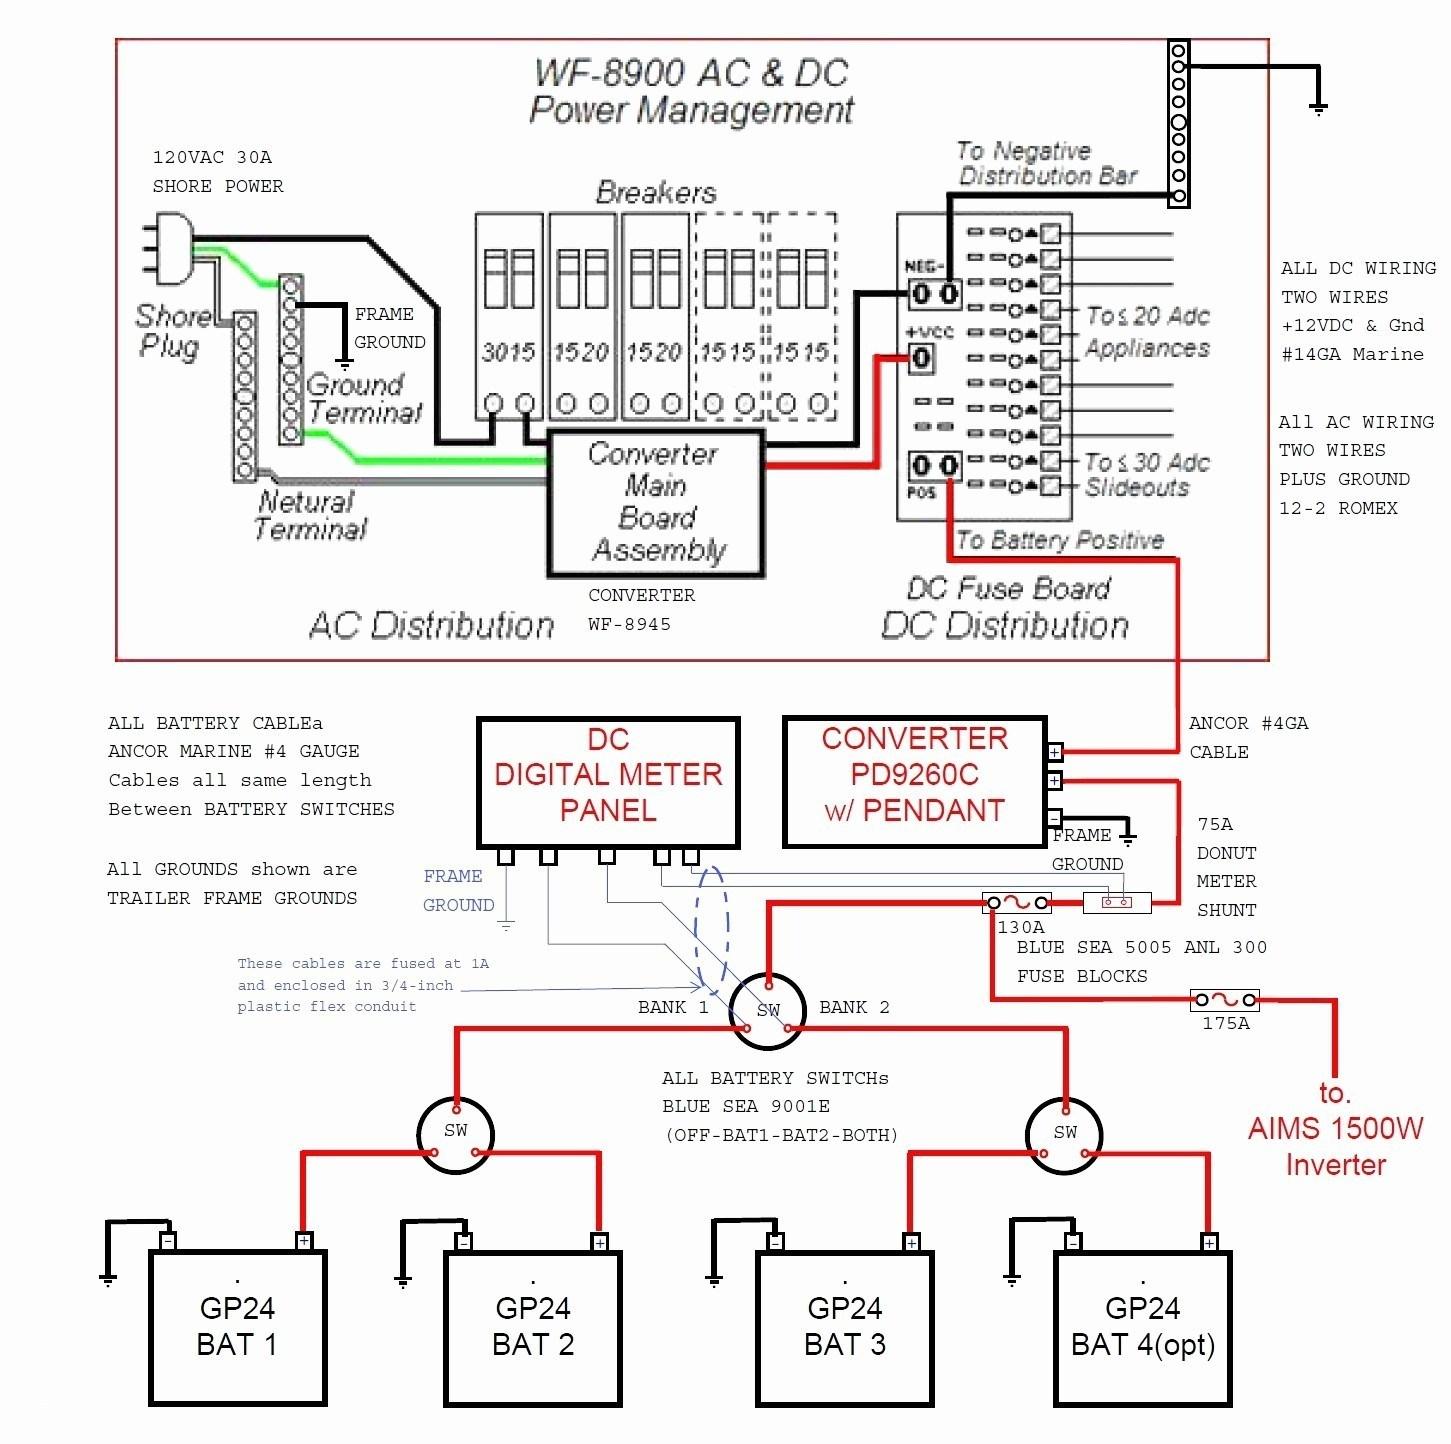 OE_4440] Heartland Wiring Schematics Download Diagram